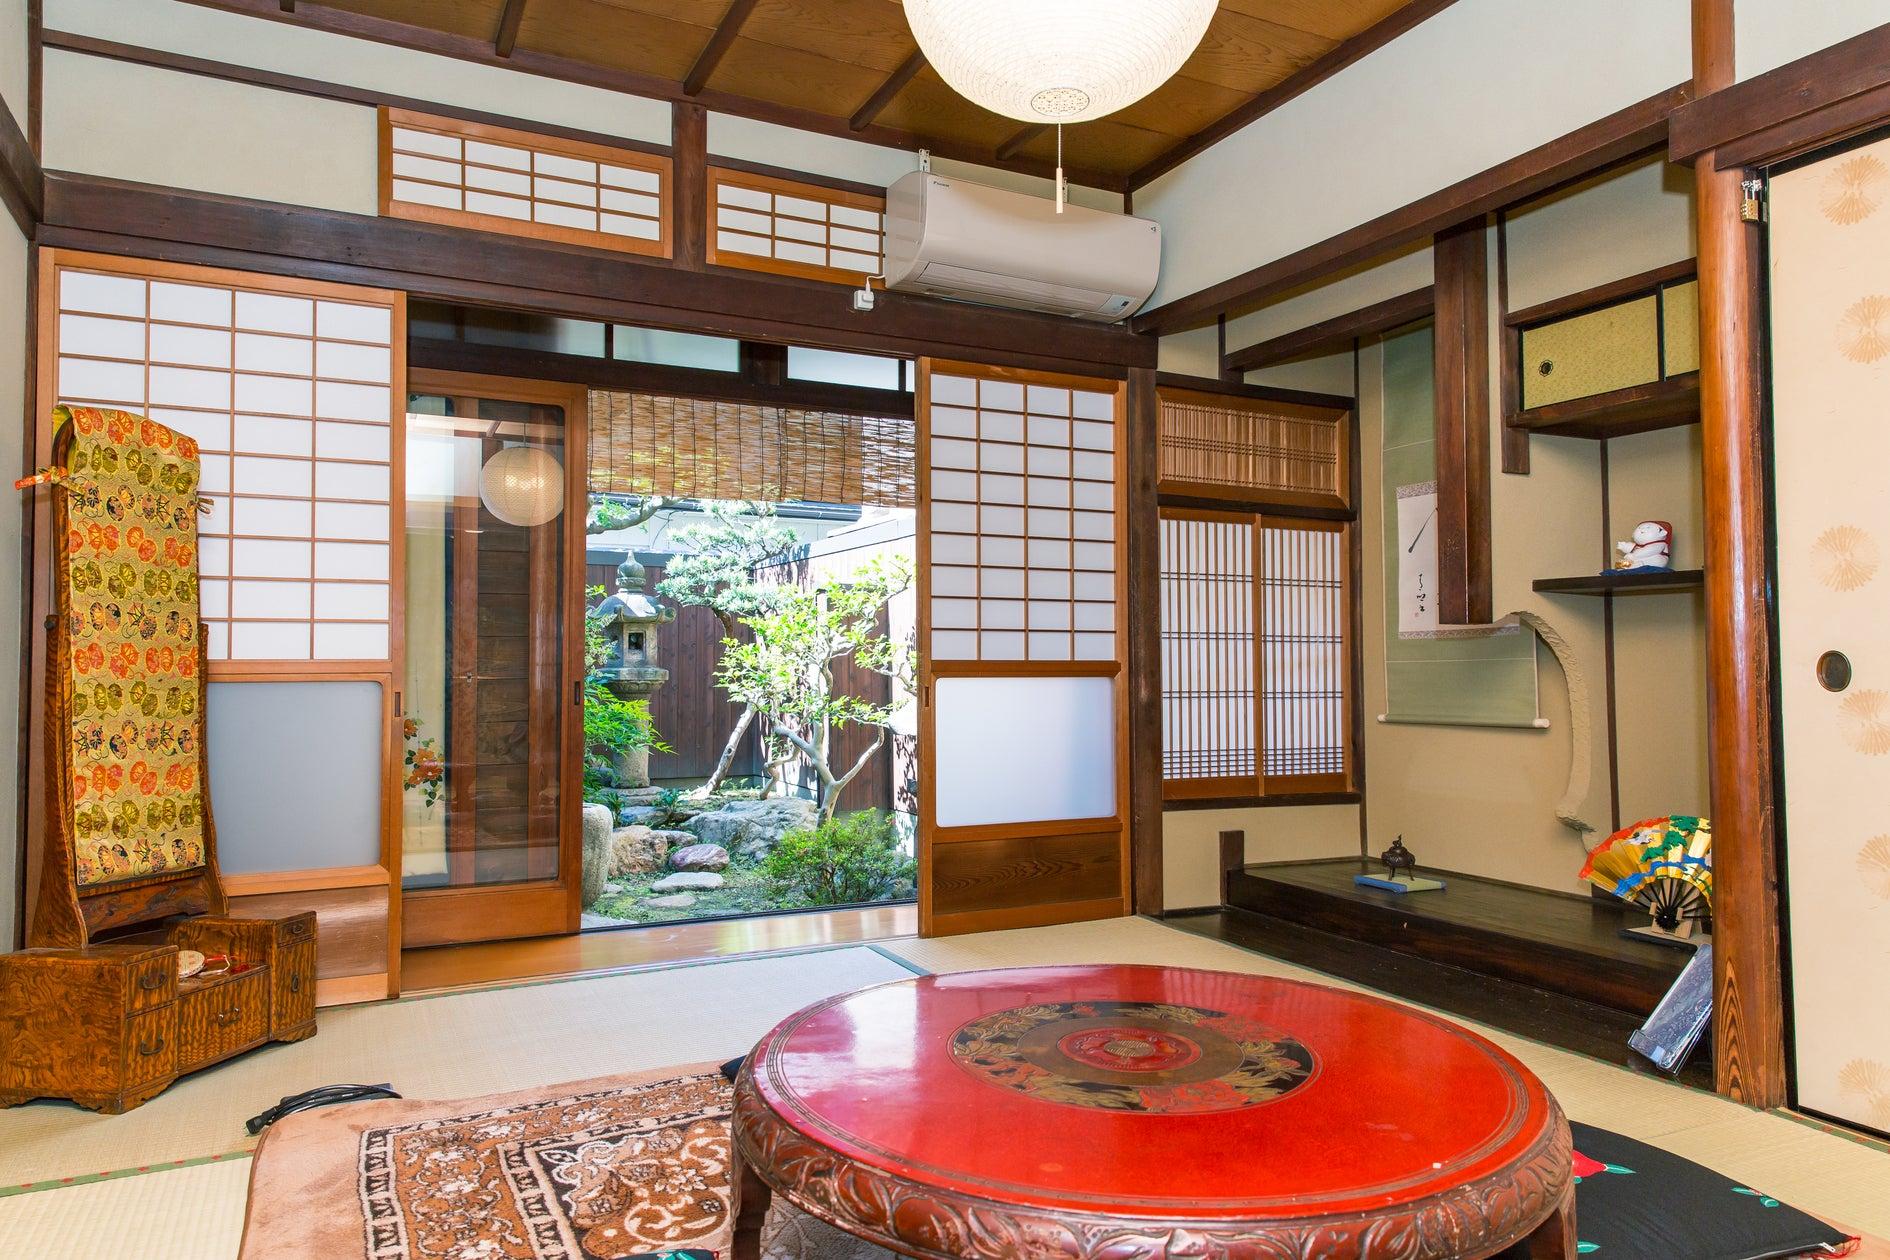 京都駅徒歩5分! 築80年以上の京町家お庭を眺め信楽焼のお風呂で寛ぎを。 東福寺の塔頭 禅寺で座禅体験も。 の写真